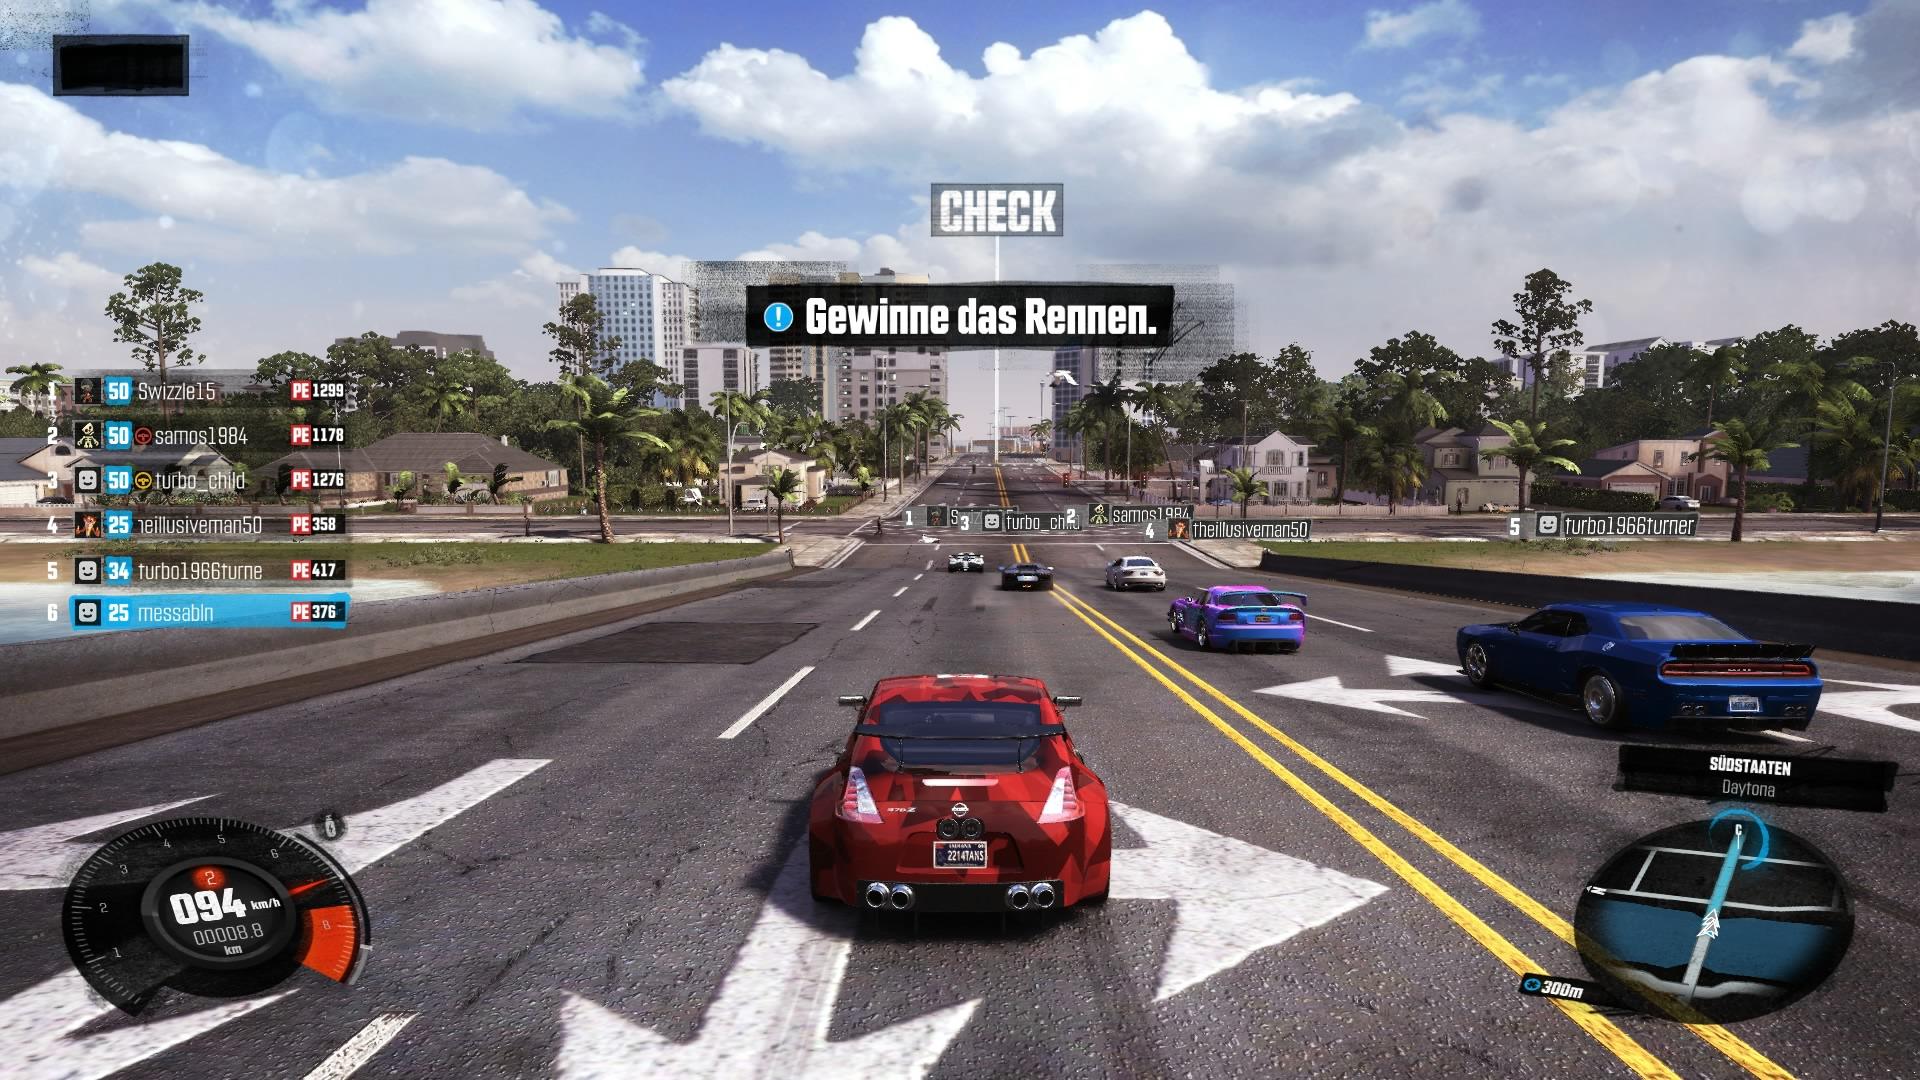 The Crew - Das Spiel macht besonders im Multiplayer-Modus viel Spaß. Auch wenn die Genger teilweise weit höher im Rang sind.